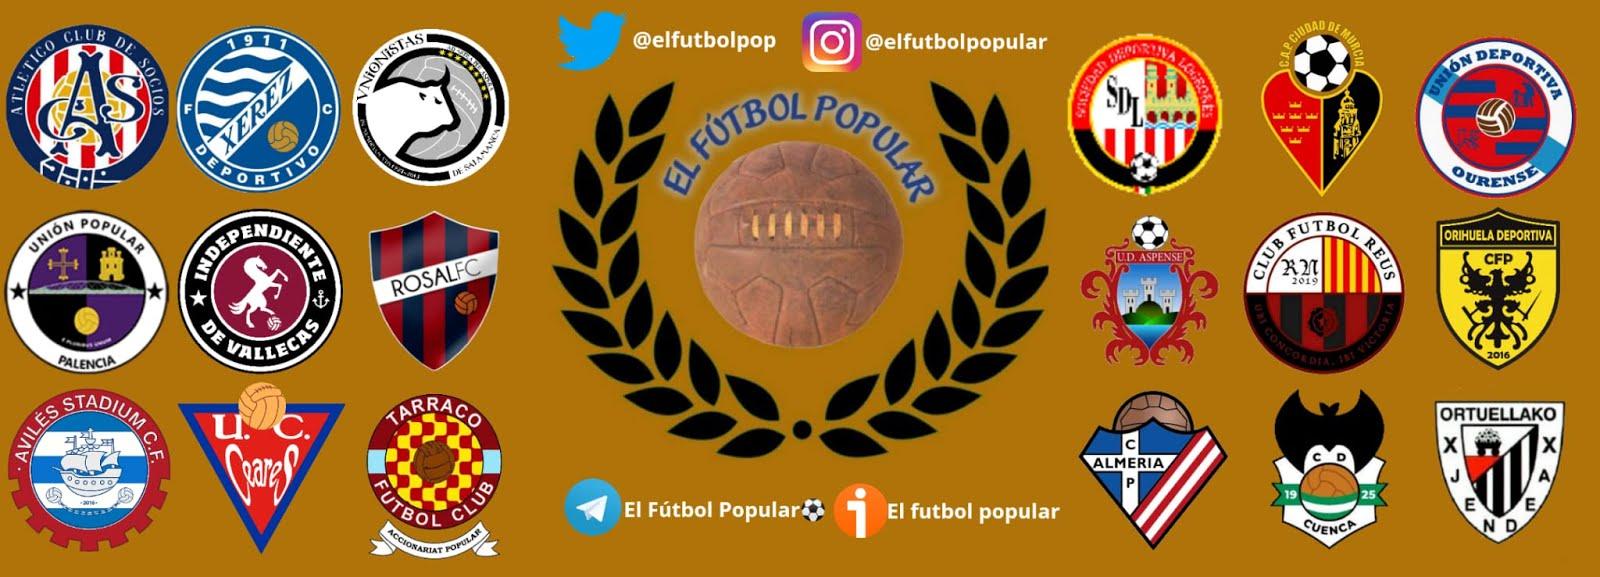  El Fútbol Popular   